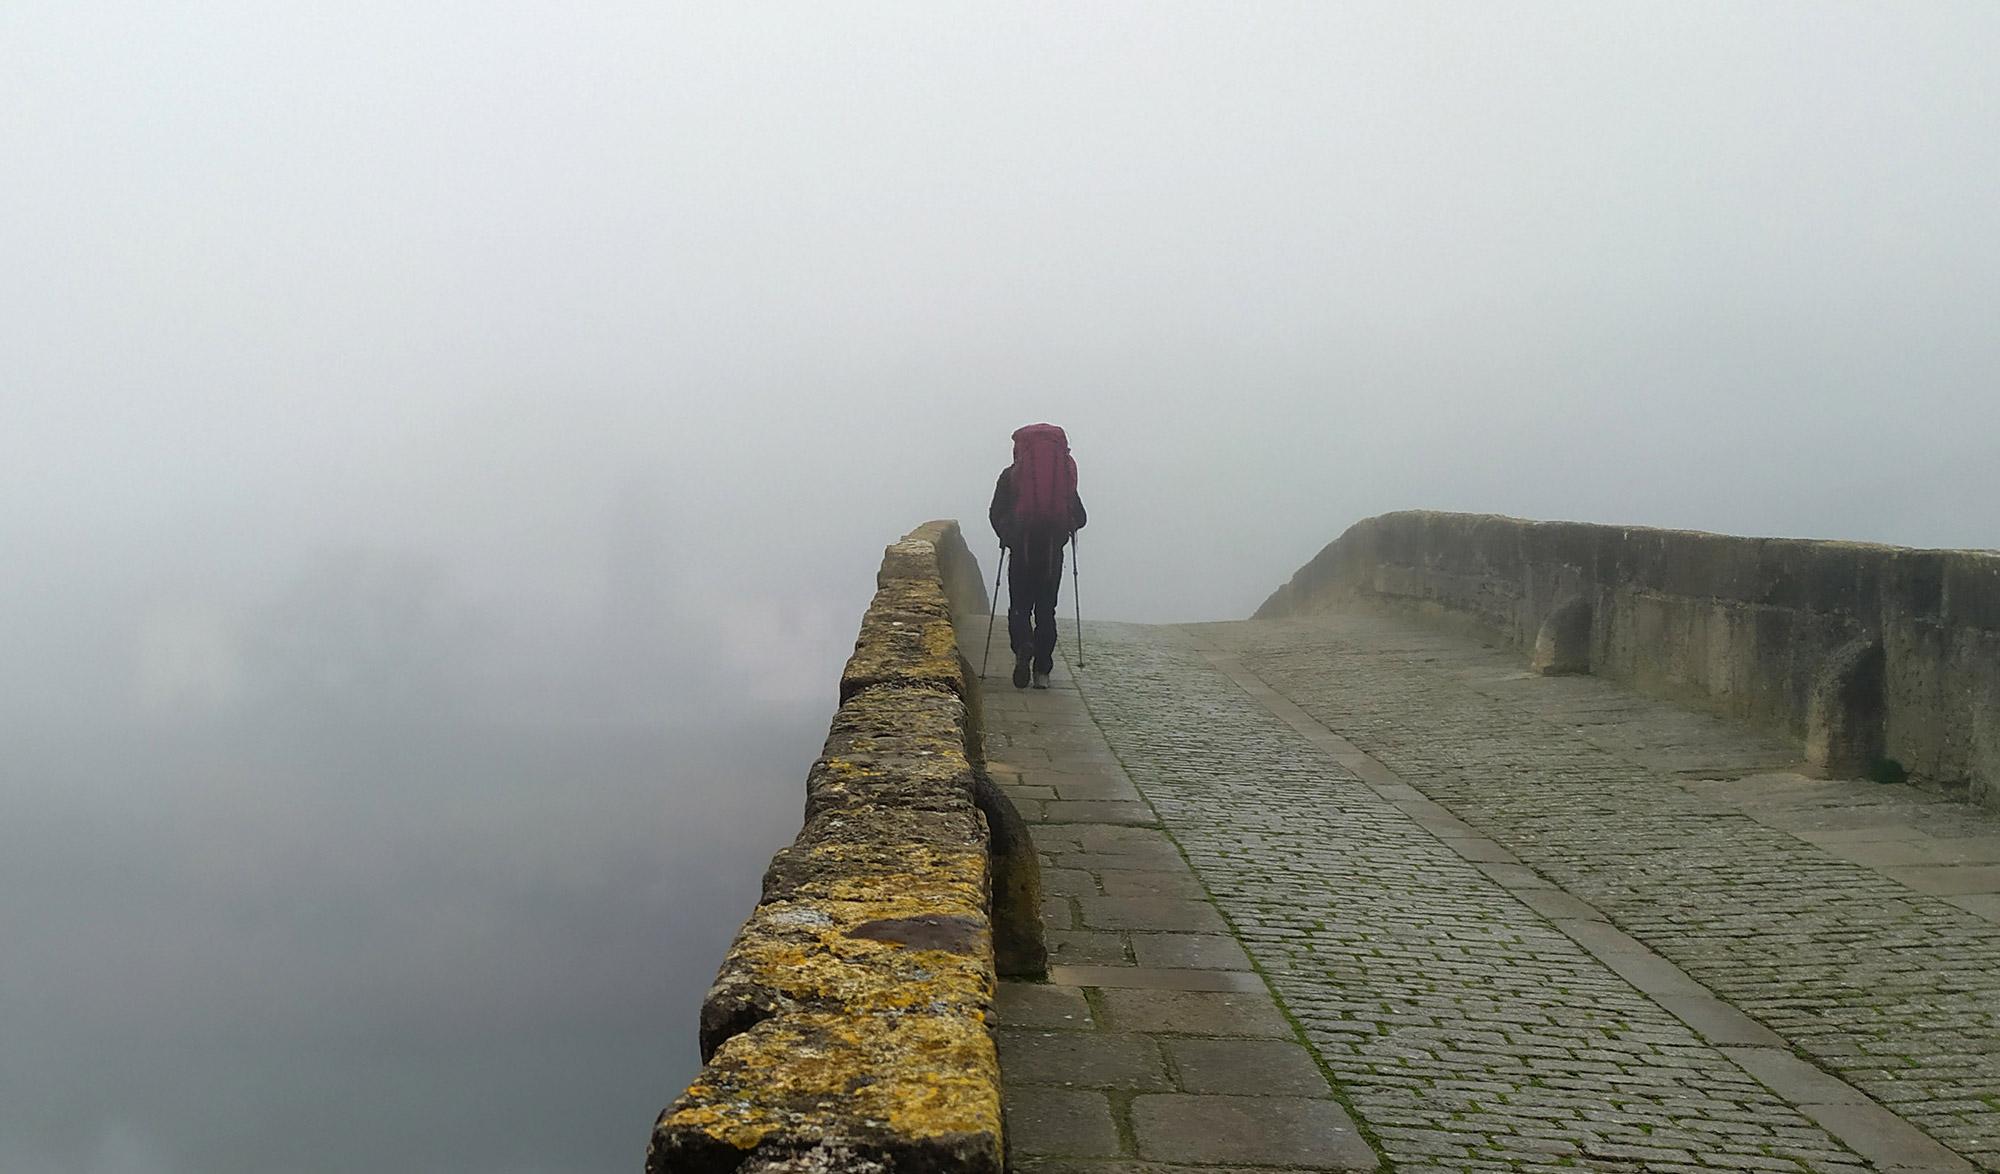 randonneurs sur un pont avec du brouillard